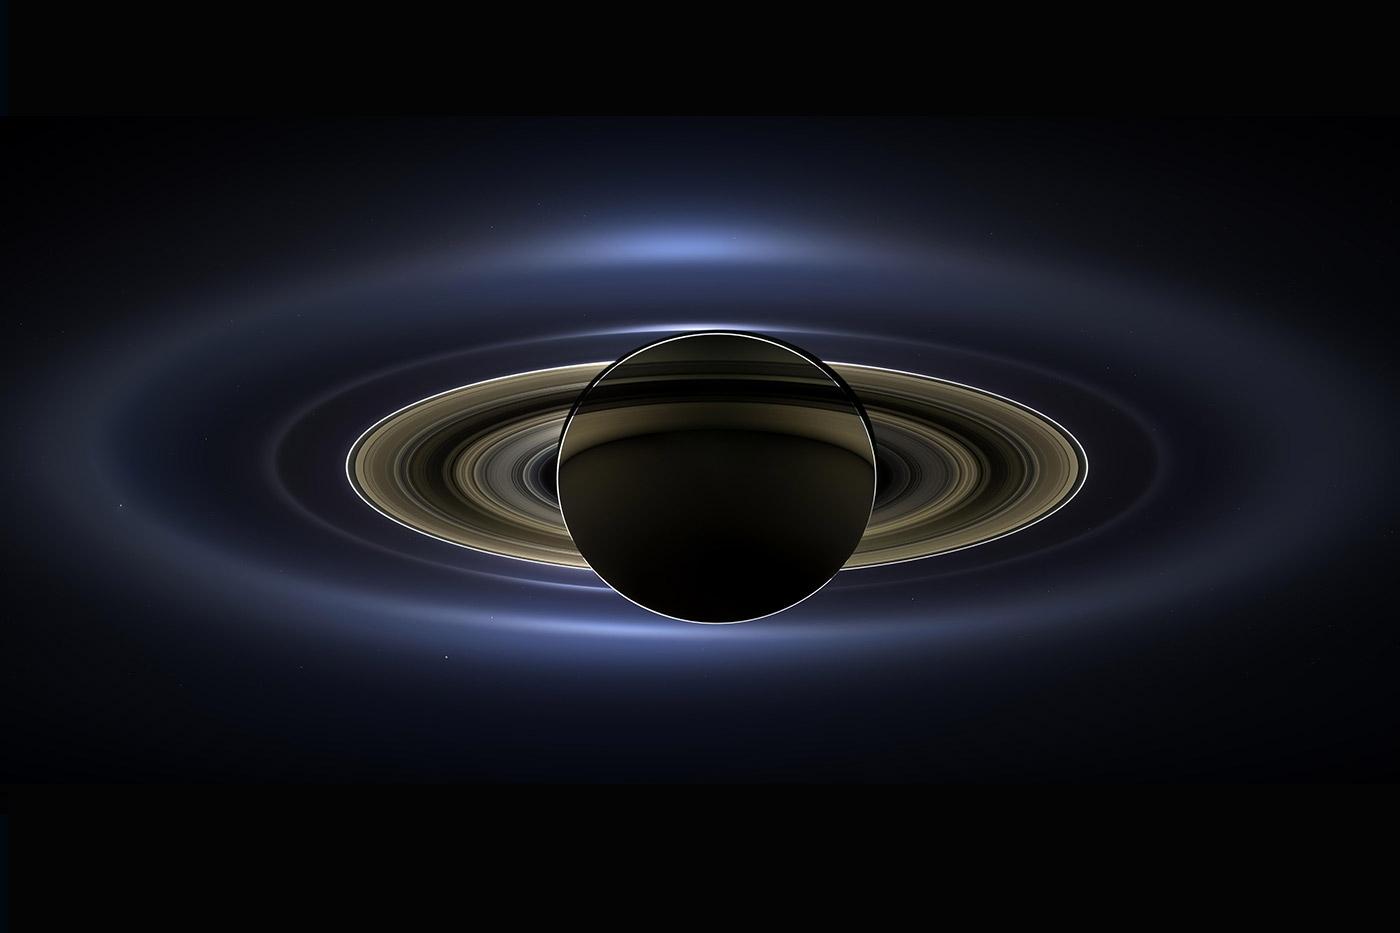 Сатурн кольца составной снимок NASA Кассини